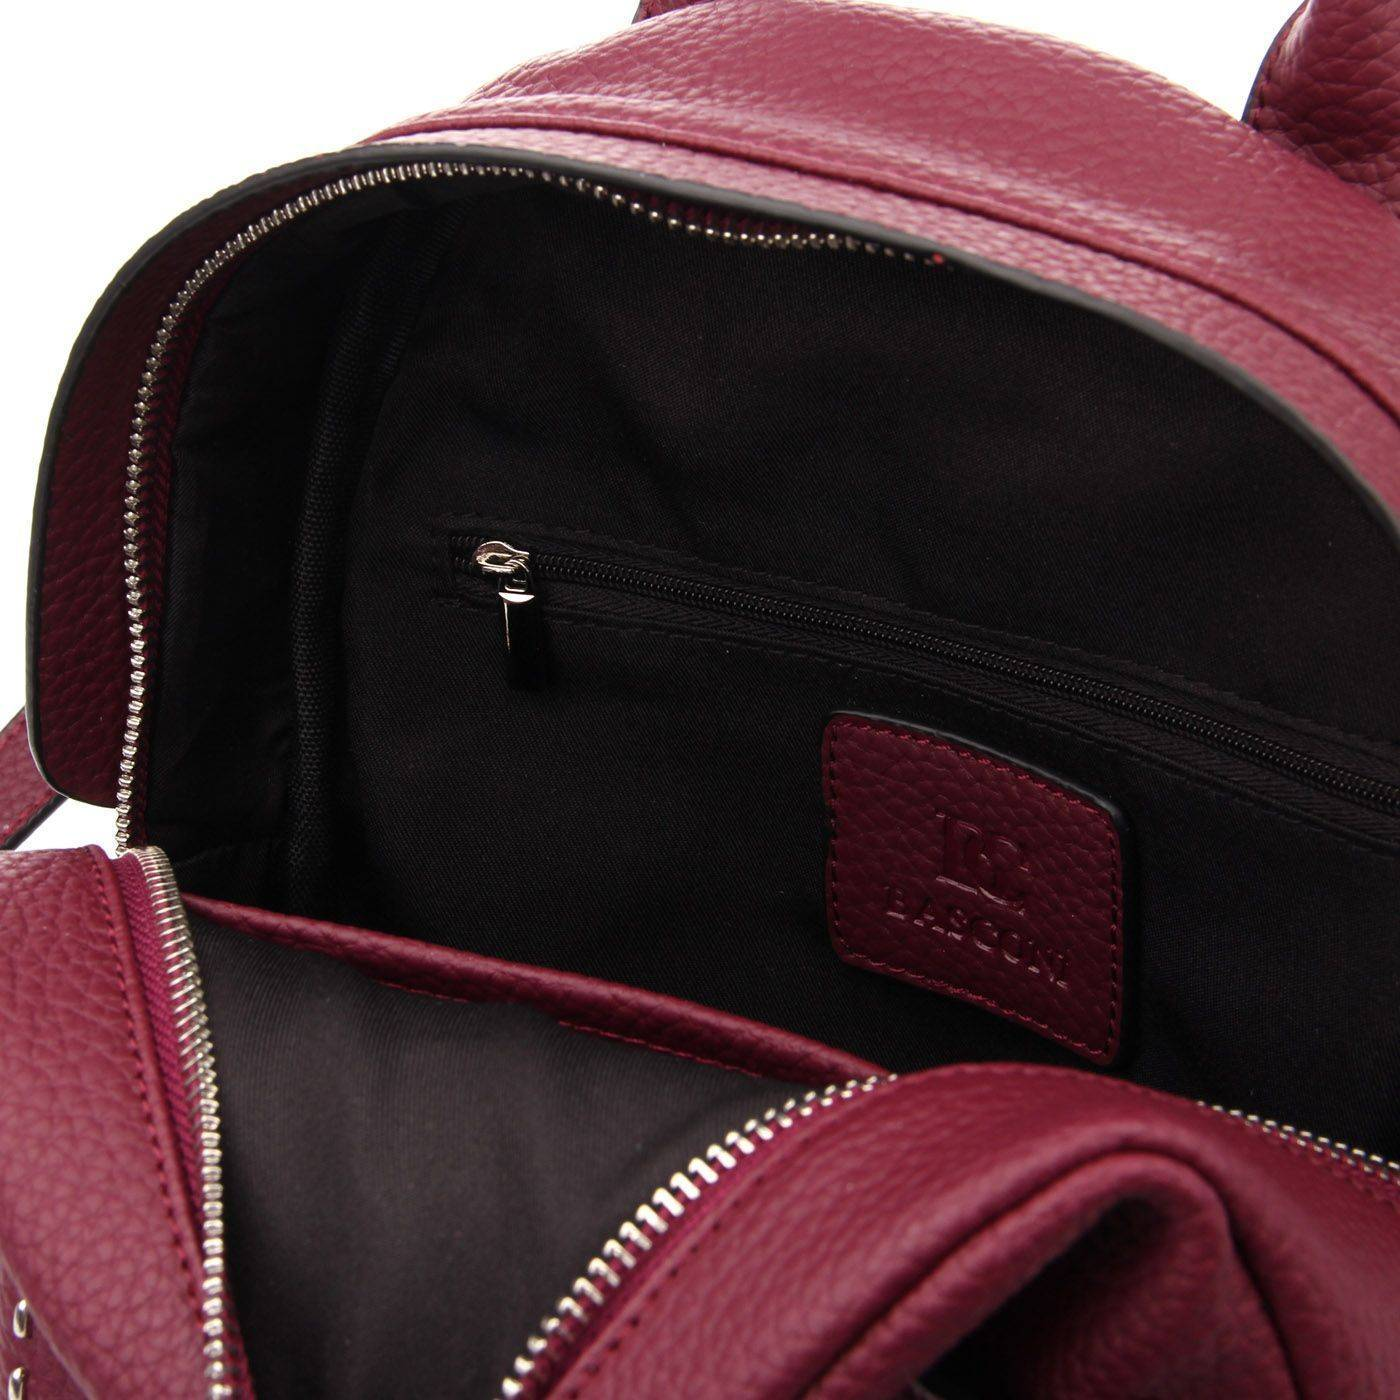 5a002282bd1a Рюкзак женский Basconi 5124 Бордовый купить по выгодной цене в ...